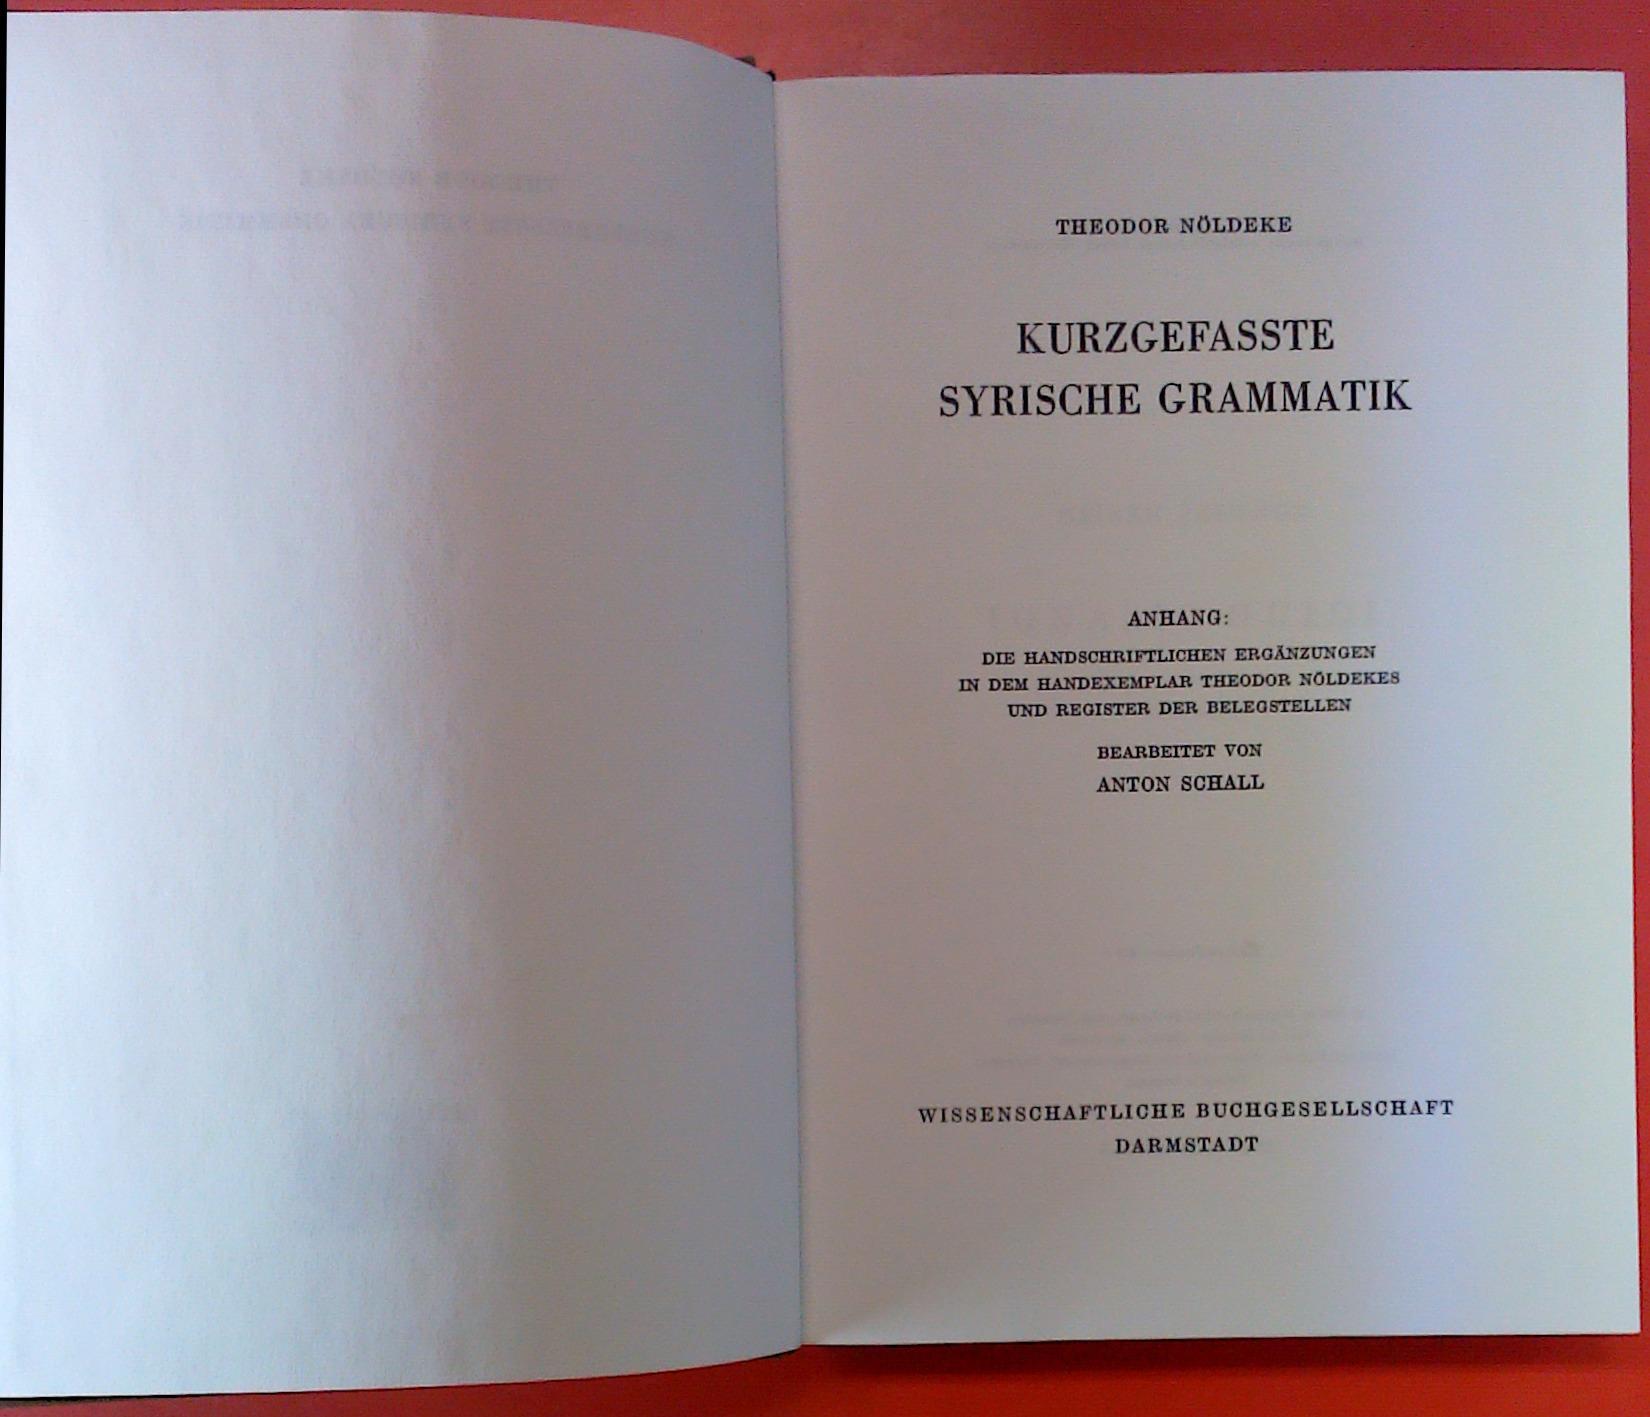 Kurzgefasste syrische Grammatik. Von Theodor Nöldeke. Anhang: Theodor Nöldeke